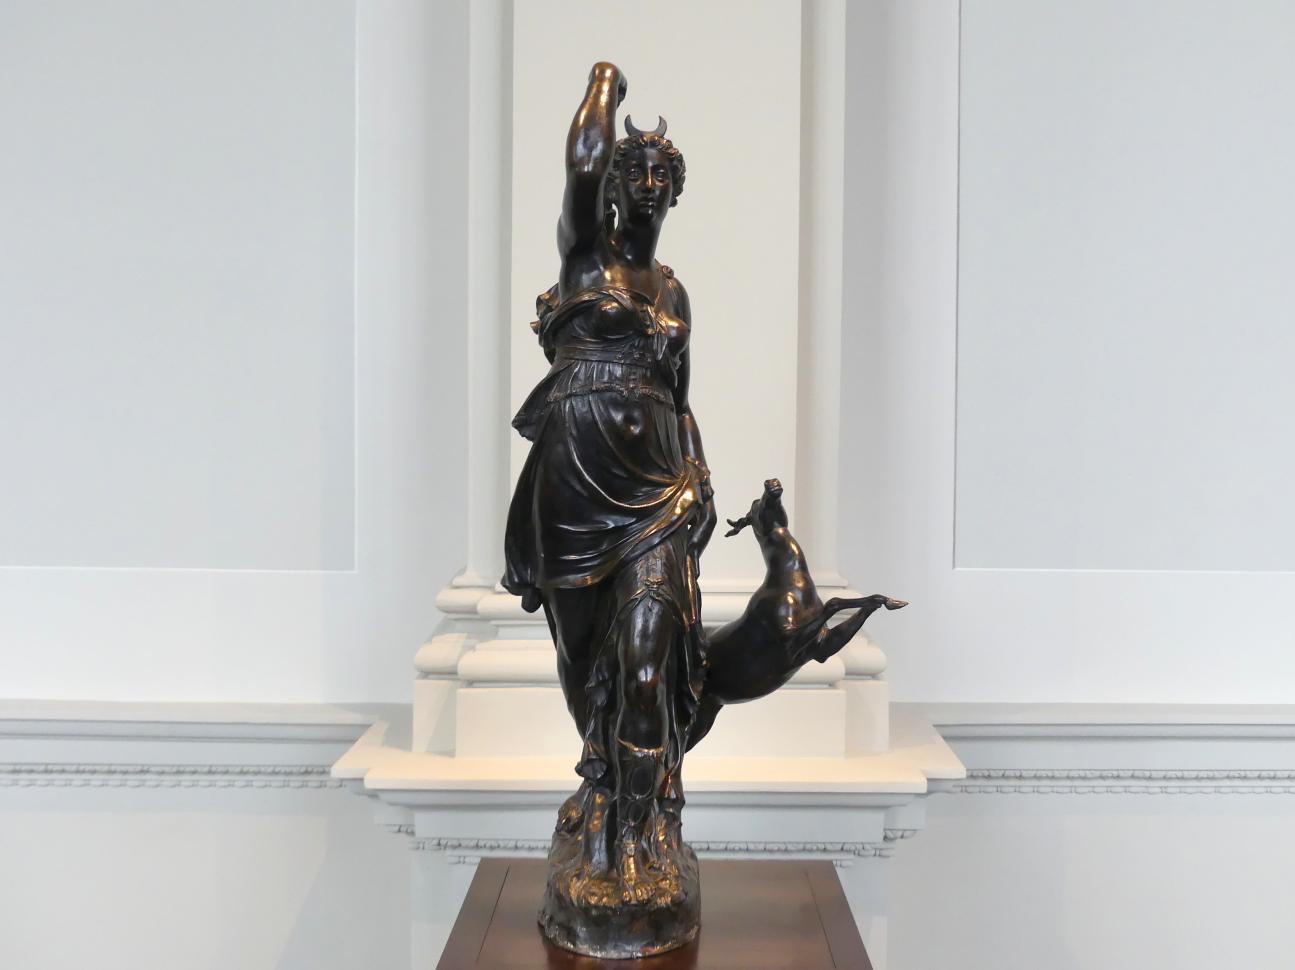 Ponce Jacquiot: Diana, Um 1555 - 1565